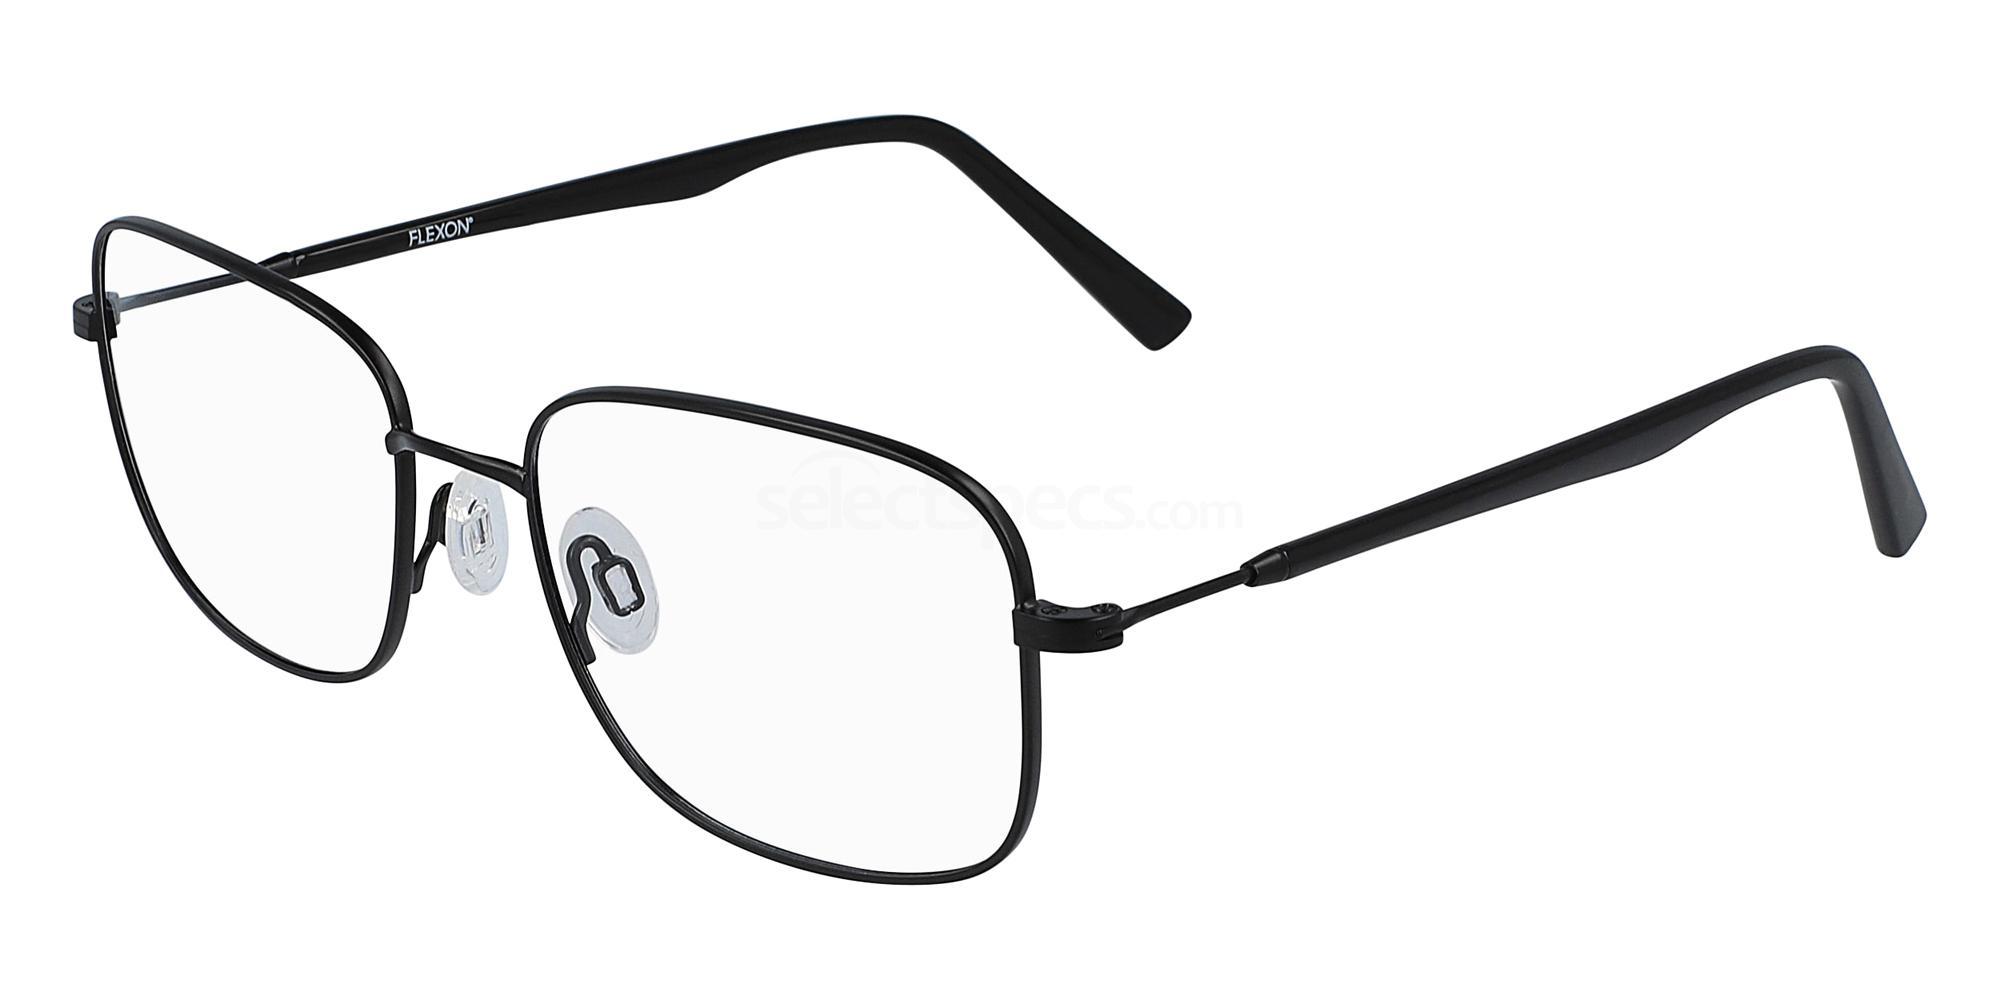 001 FLEXON H6011 Glasses, Flexon